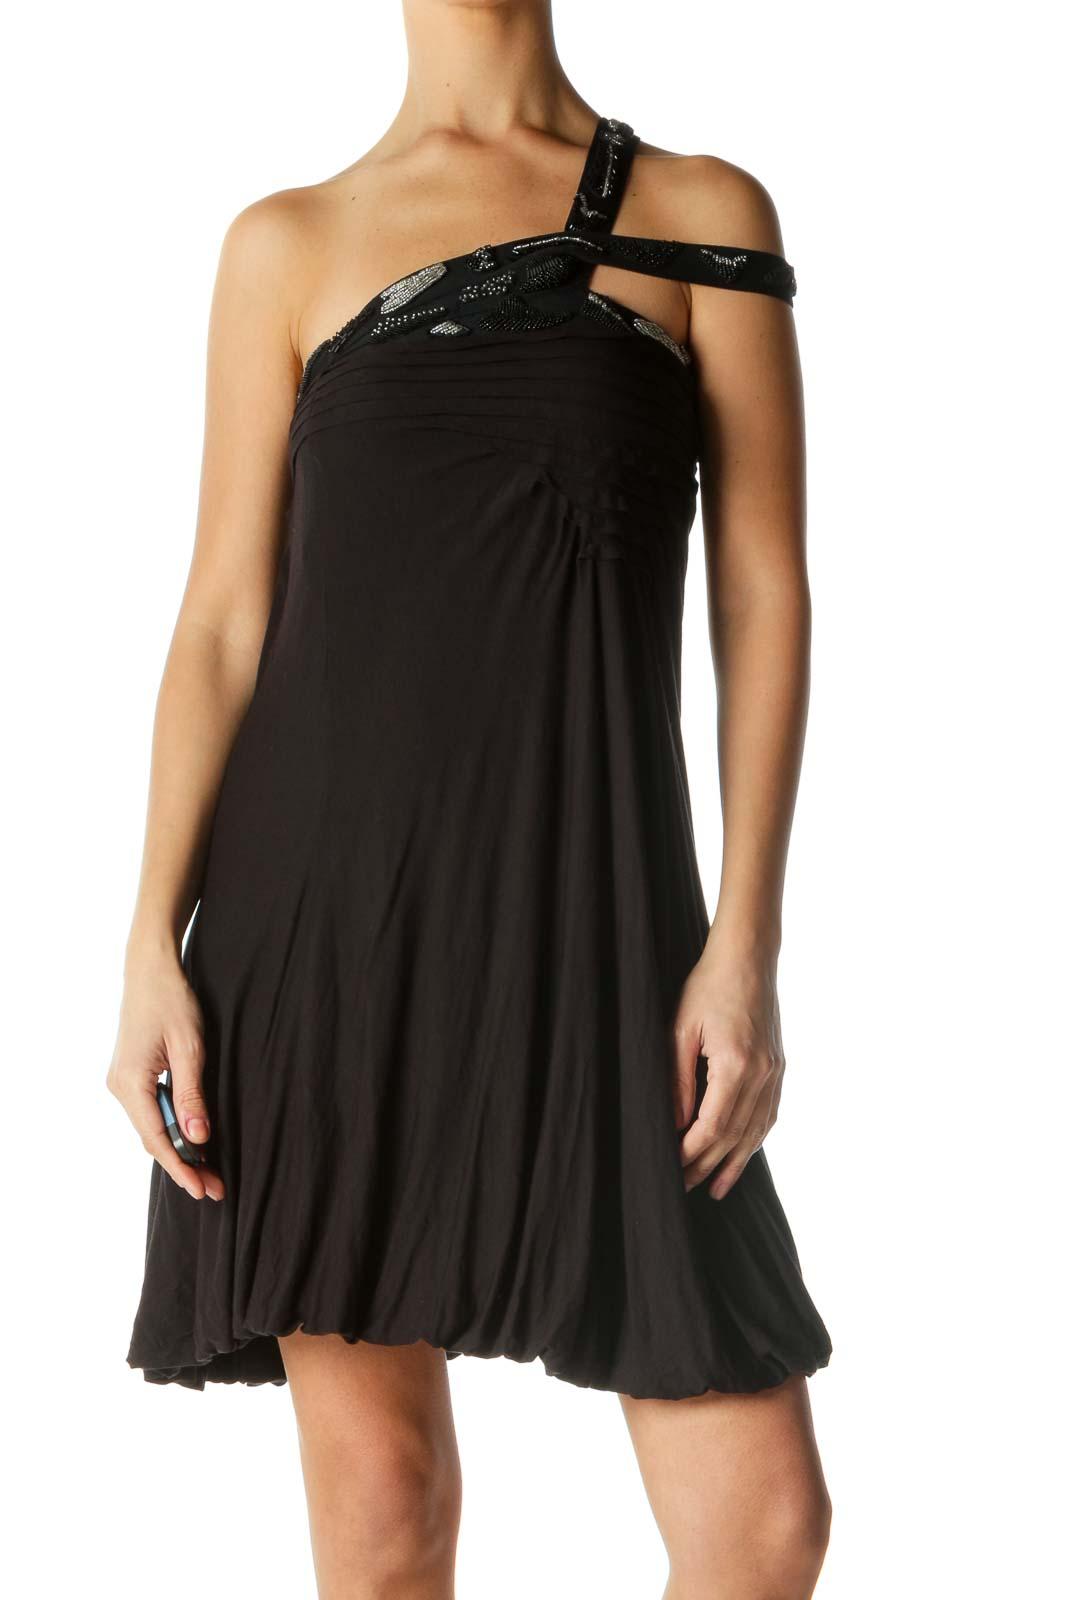 Black Embellished Neckline Dress Front